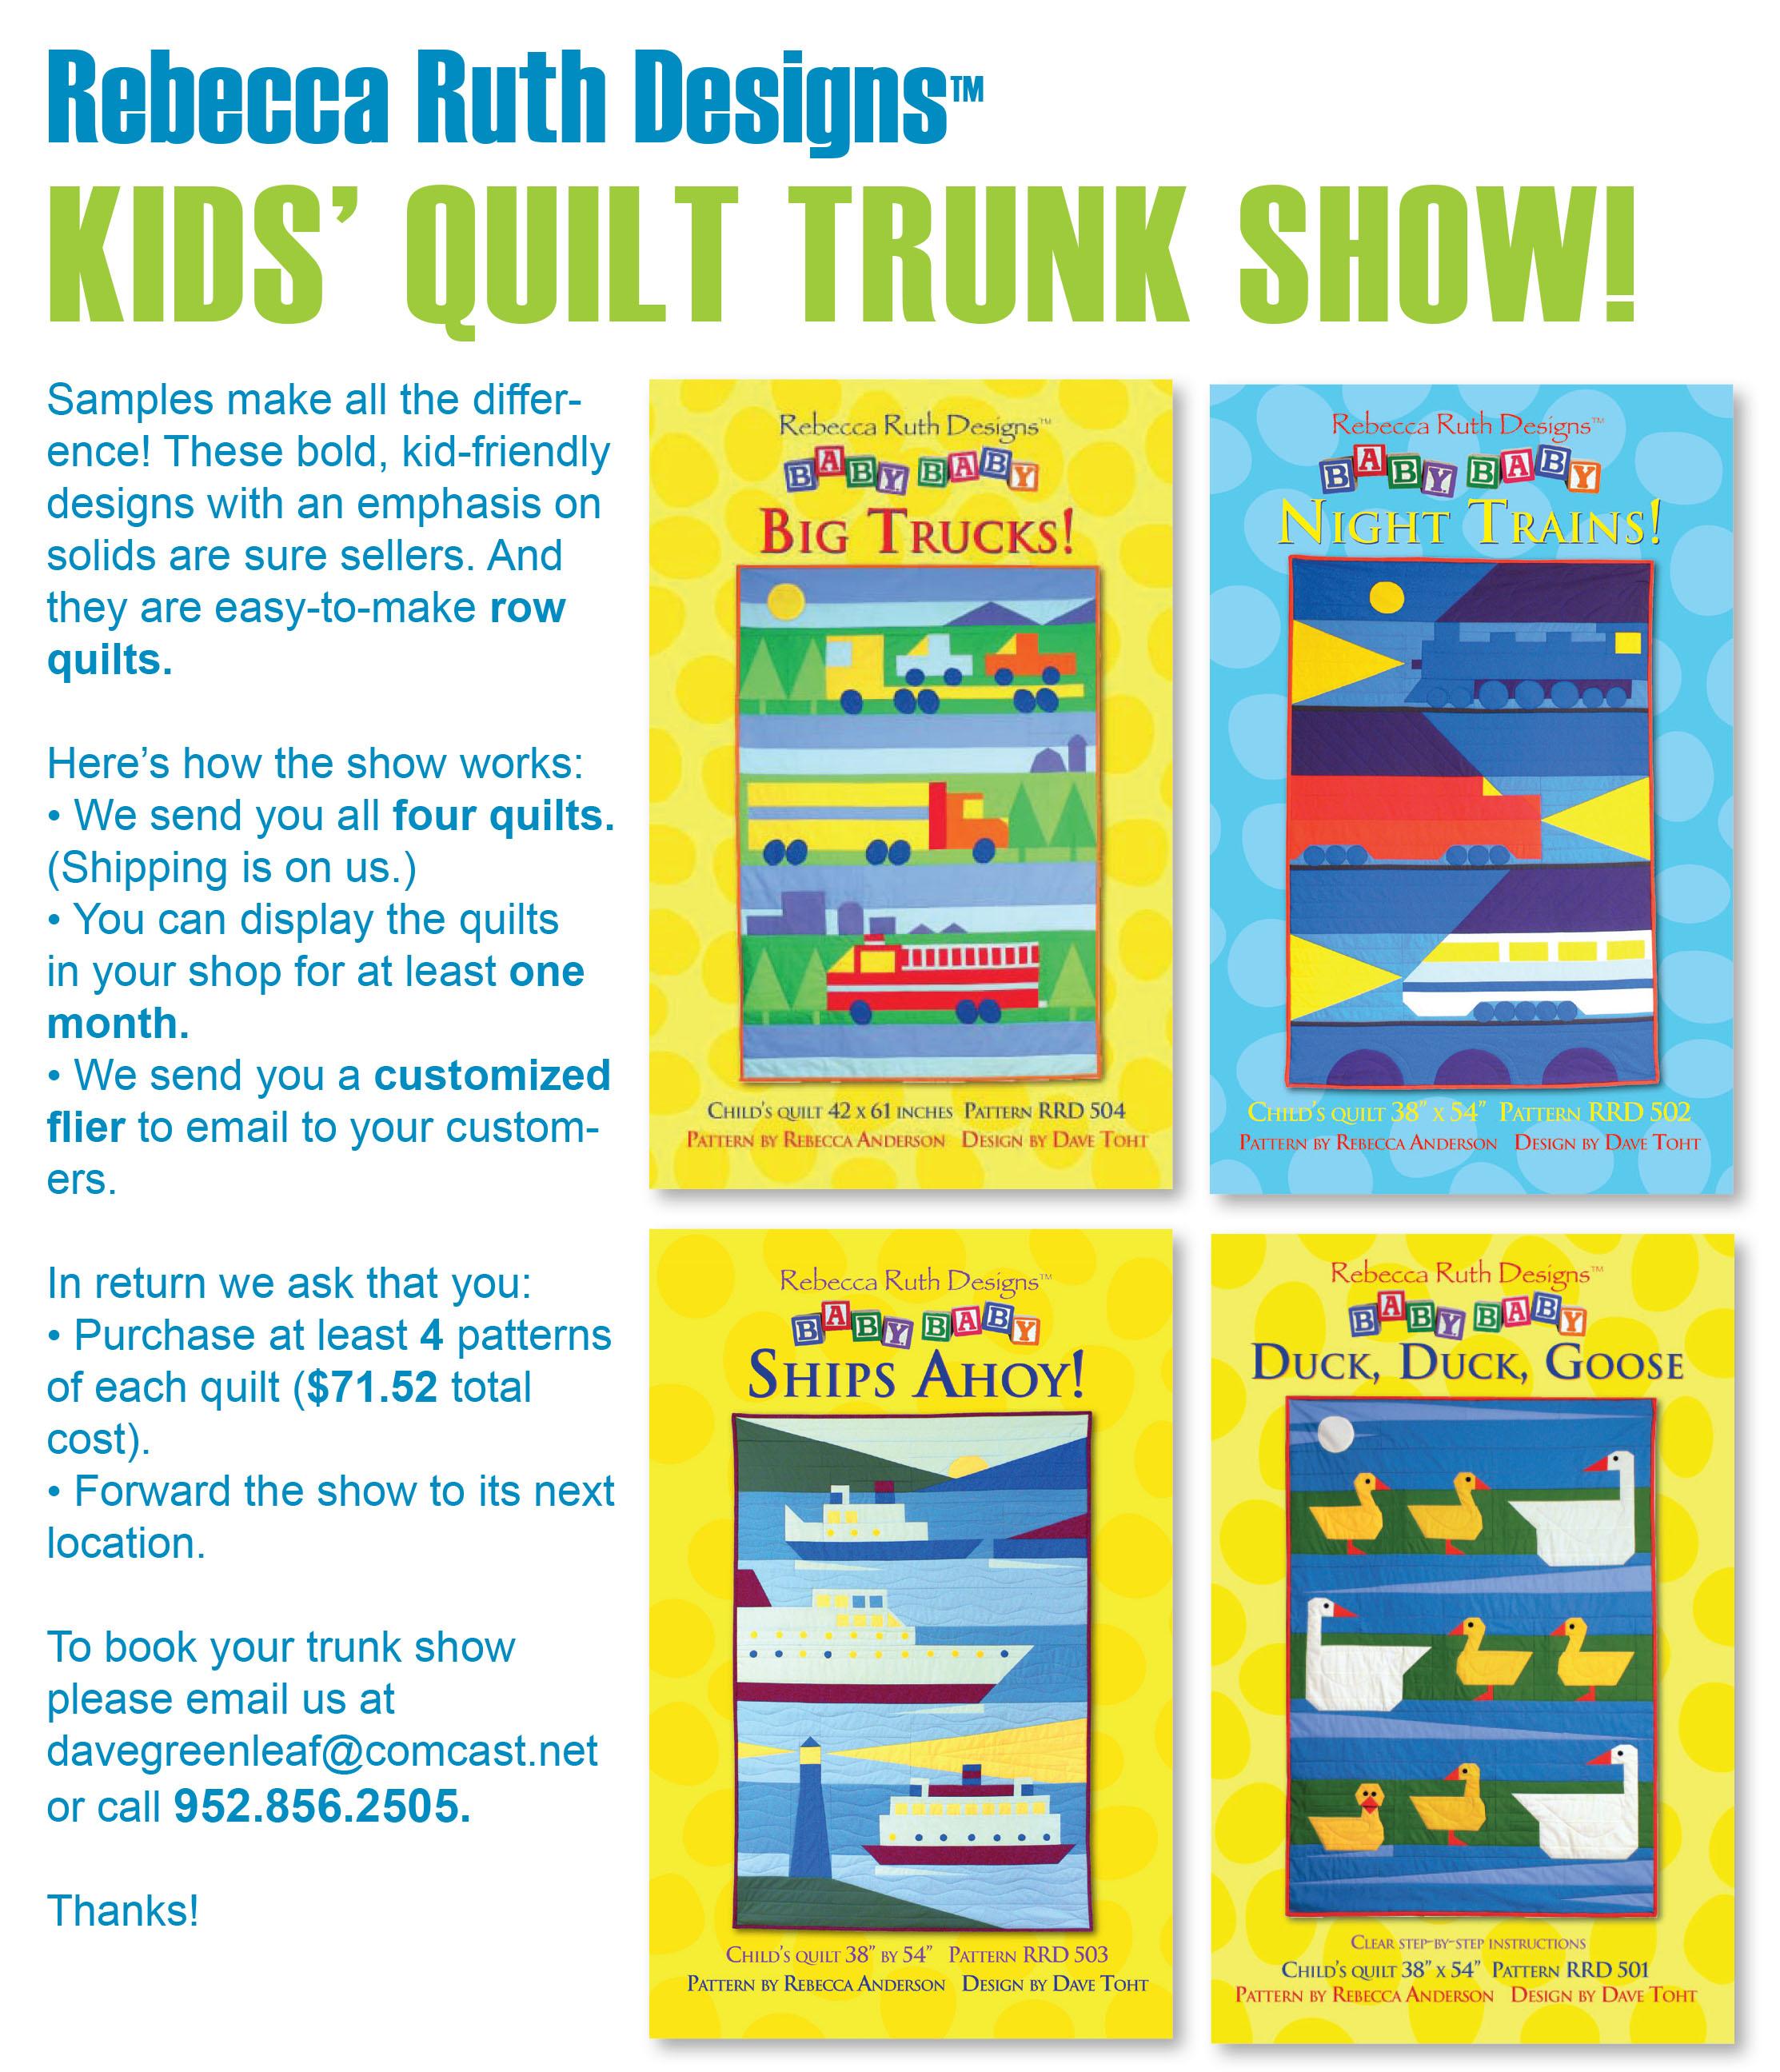 Kids' Quilt Trunk Show NEW.jpg